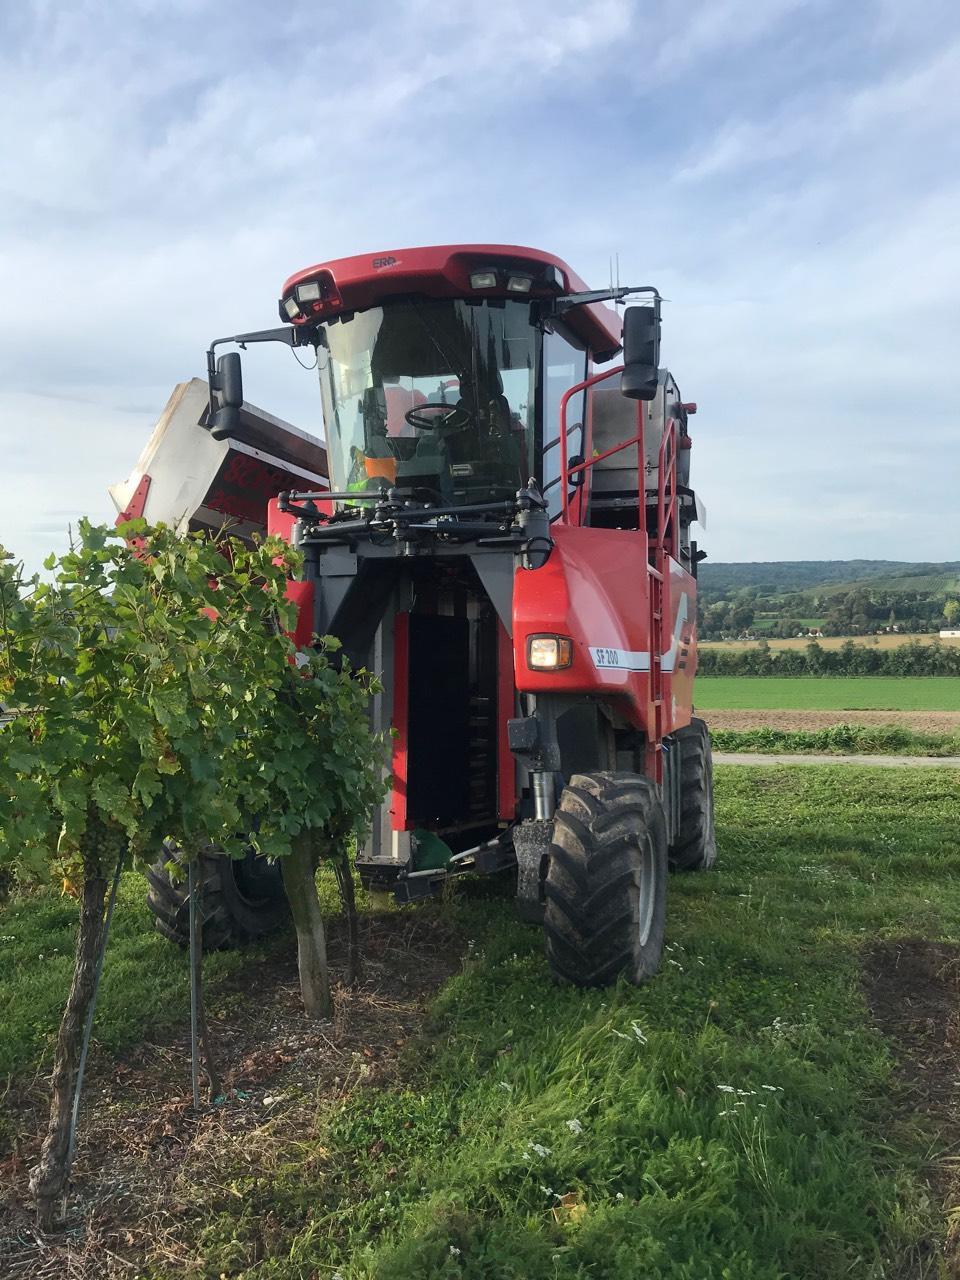 Weinbaumaschinen: ERO SF 200 gebraucht kaufen - Landwirt.com